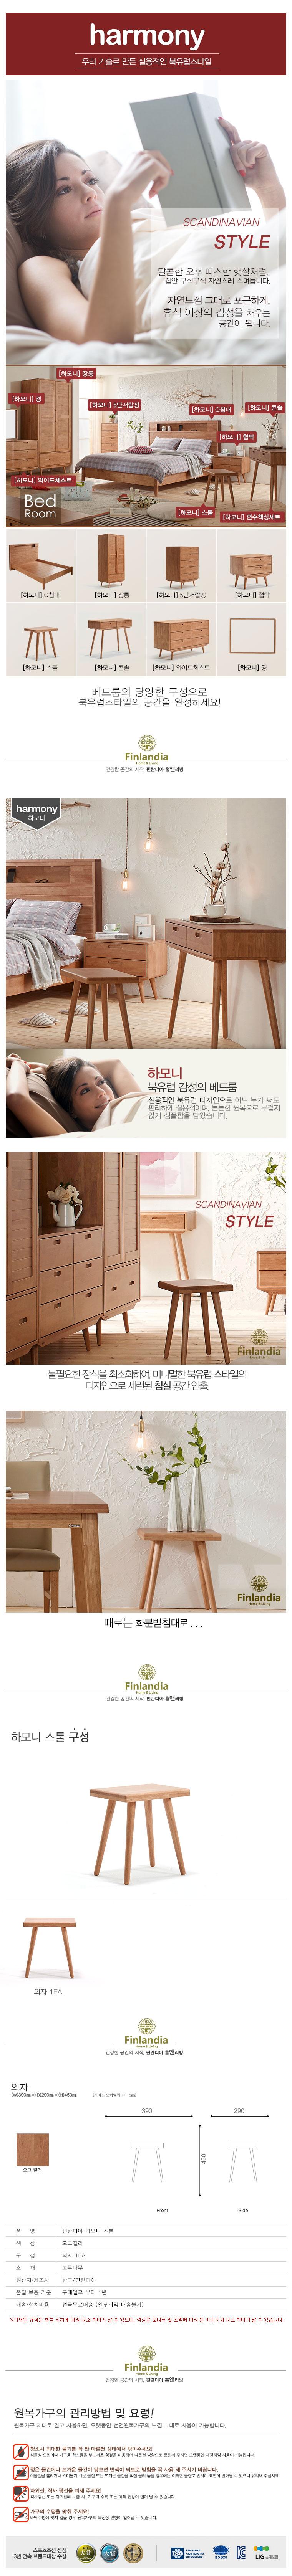 harmony_stool.jpg